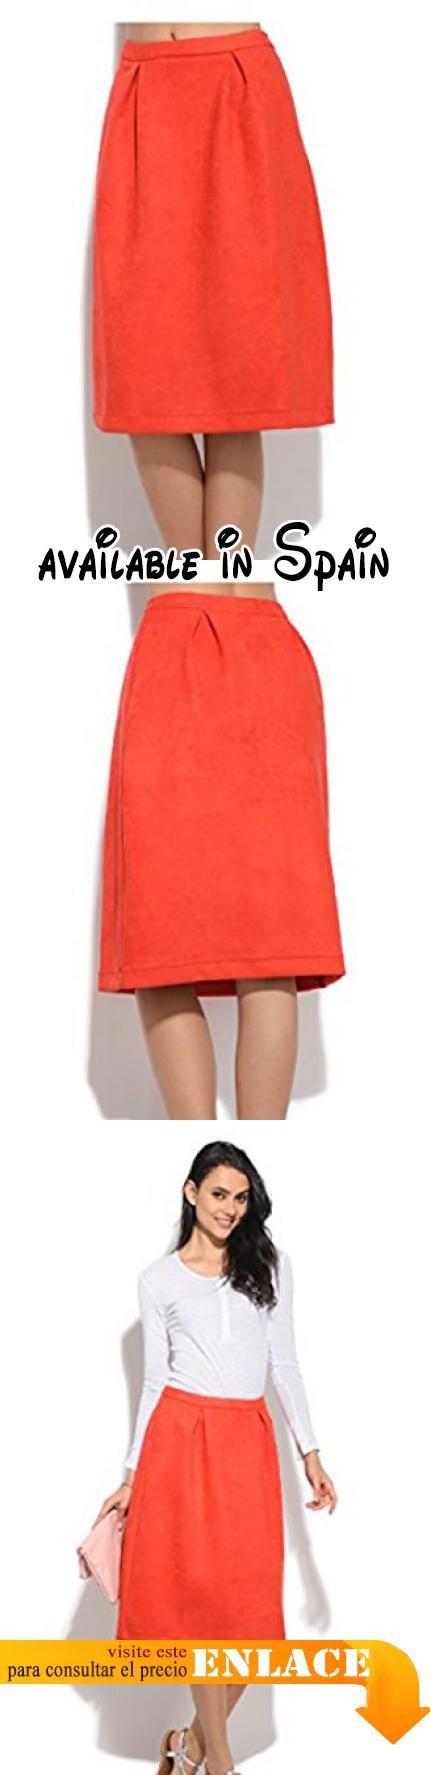 B075SMR79Y : Orfeo - Falda RITA - Mujer - M - Rojo. Falda plisada en la cintura. Cierre con cremallera. 2 Bolsillos. Longitud 68cm